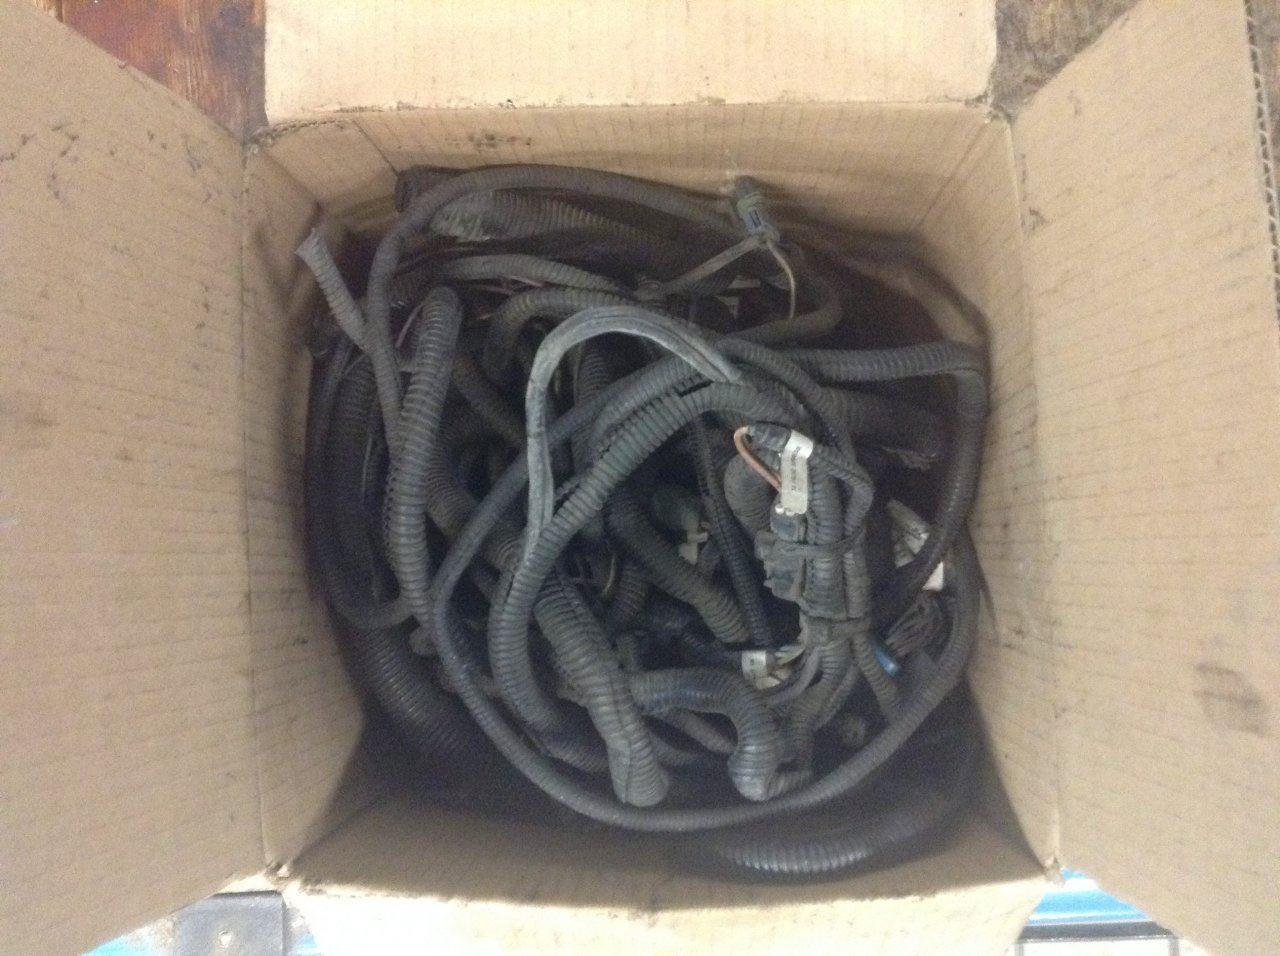 [SCHEMATICS_4CA]  2010 KENWORTH T660 (Stock #24341002) | Wiring Harnesses (Cab and Dash) | TPI | Kenworth T660 Dash Wiring Harness |  | Truck Parts Inventory